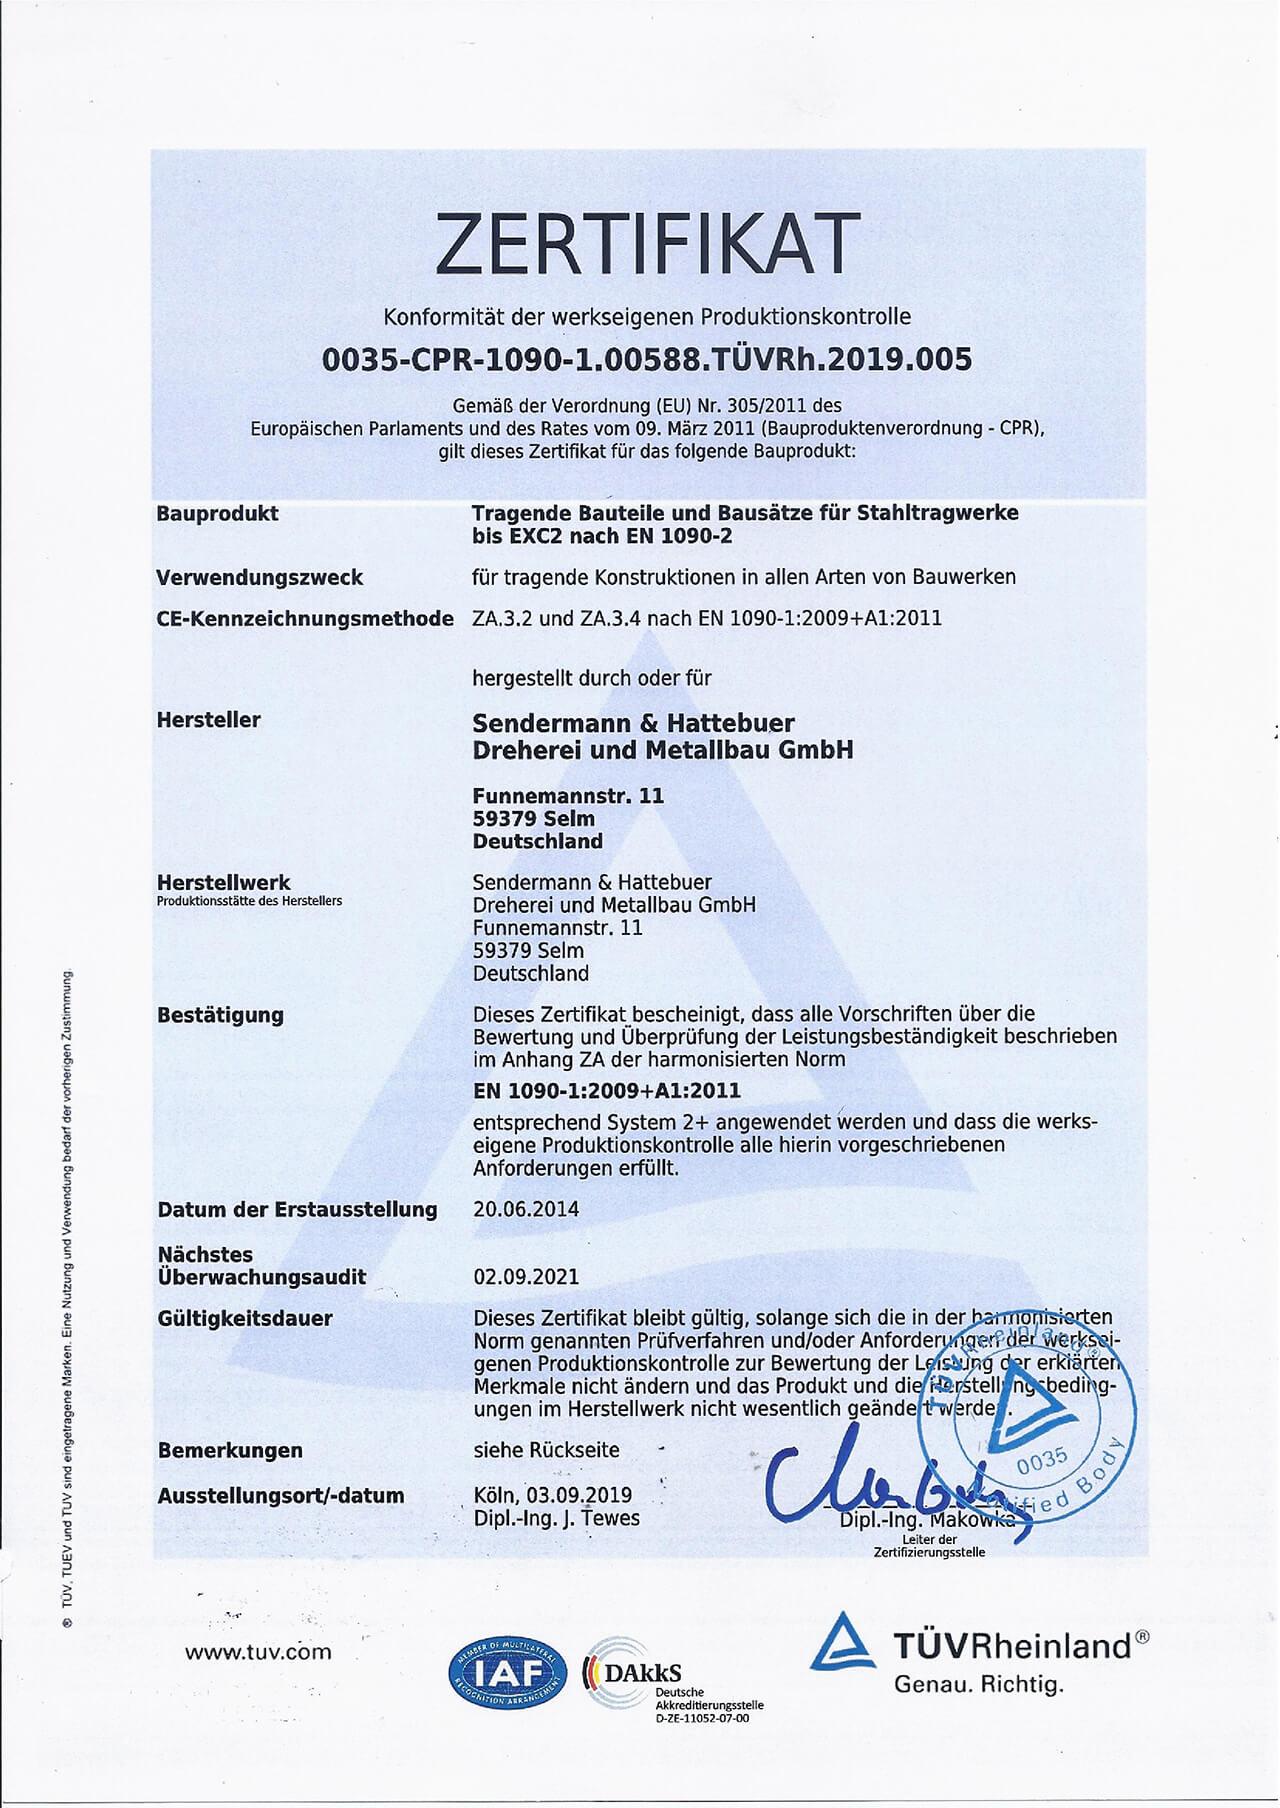 Zertifikat - Konformität der werkseiigenen Produktionskontrolle